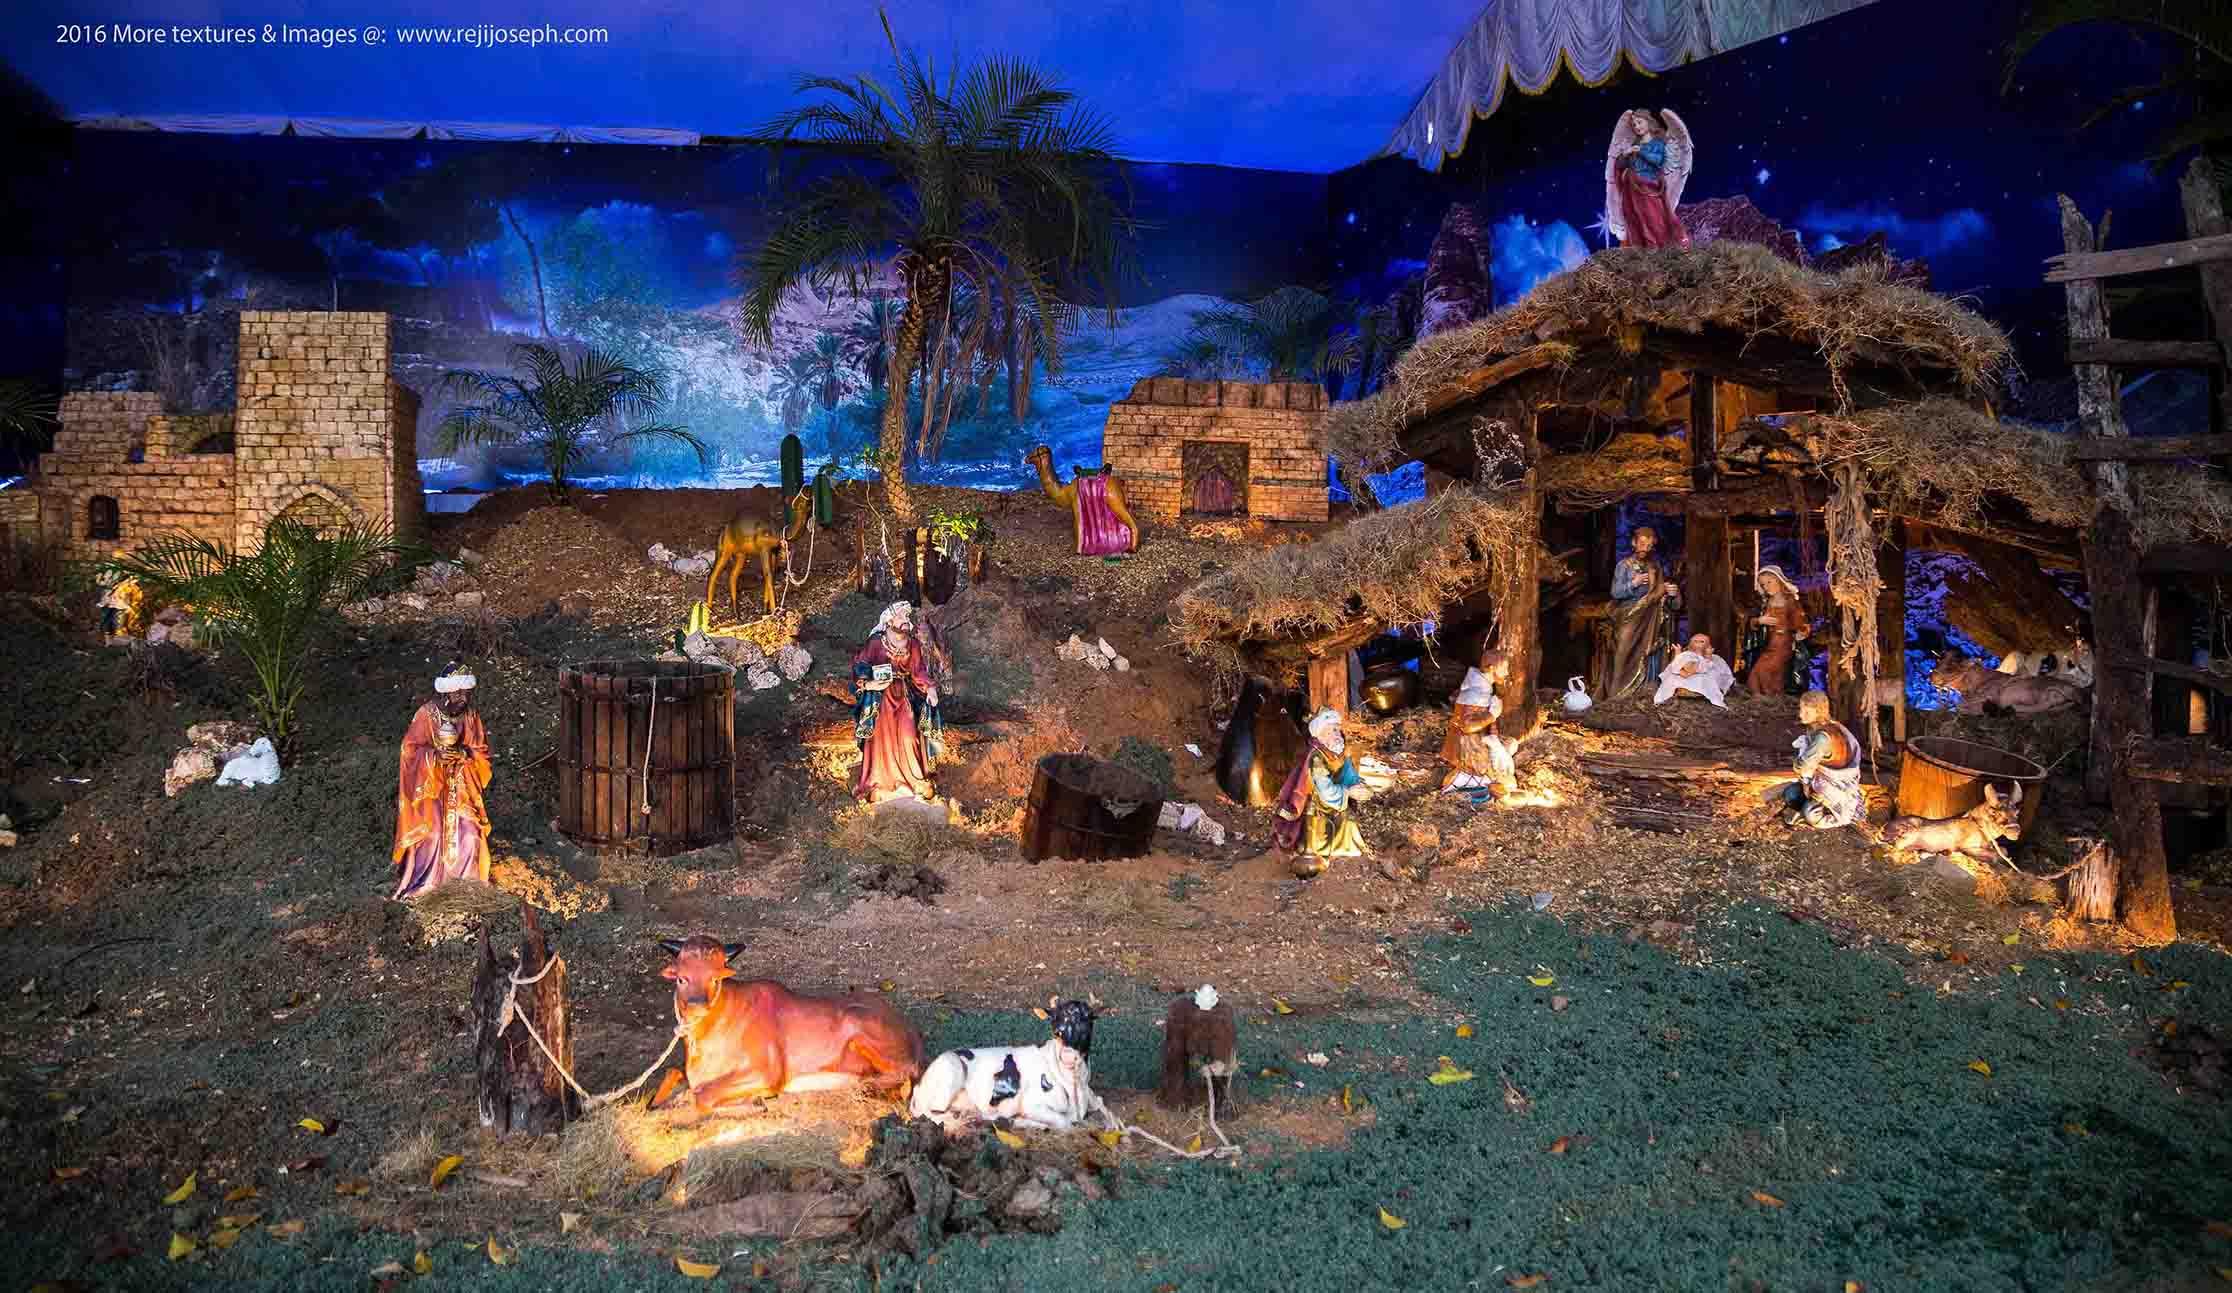 Christmas crib Pulkoodu St. Francis Assisi Cathedral Ernakulam 00003